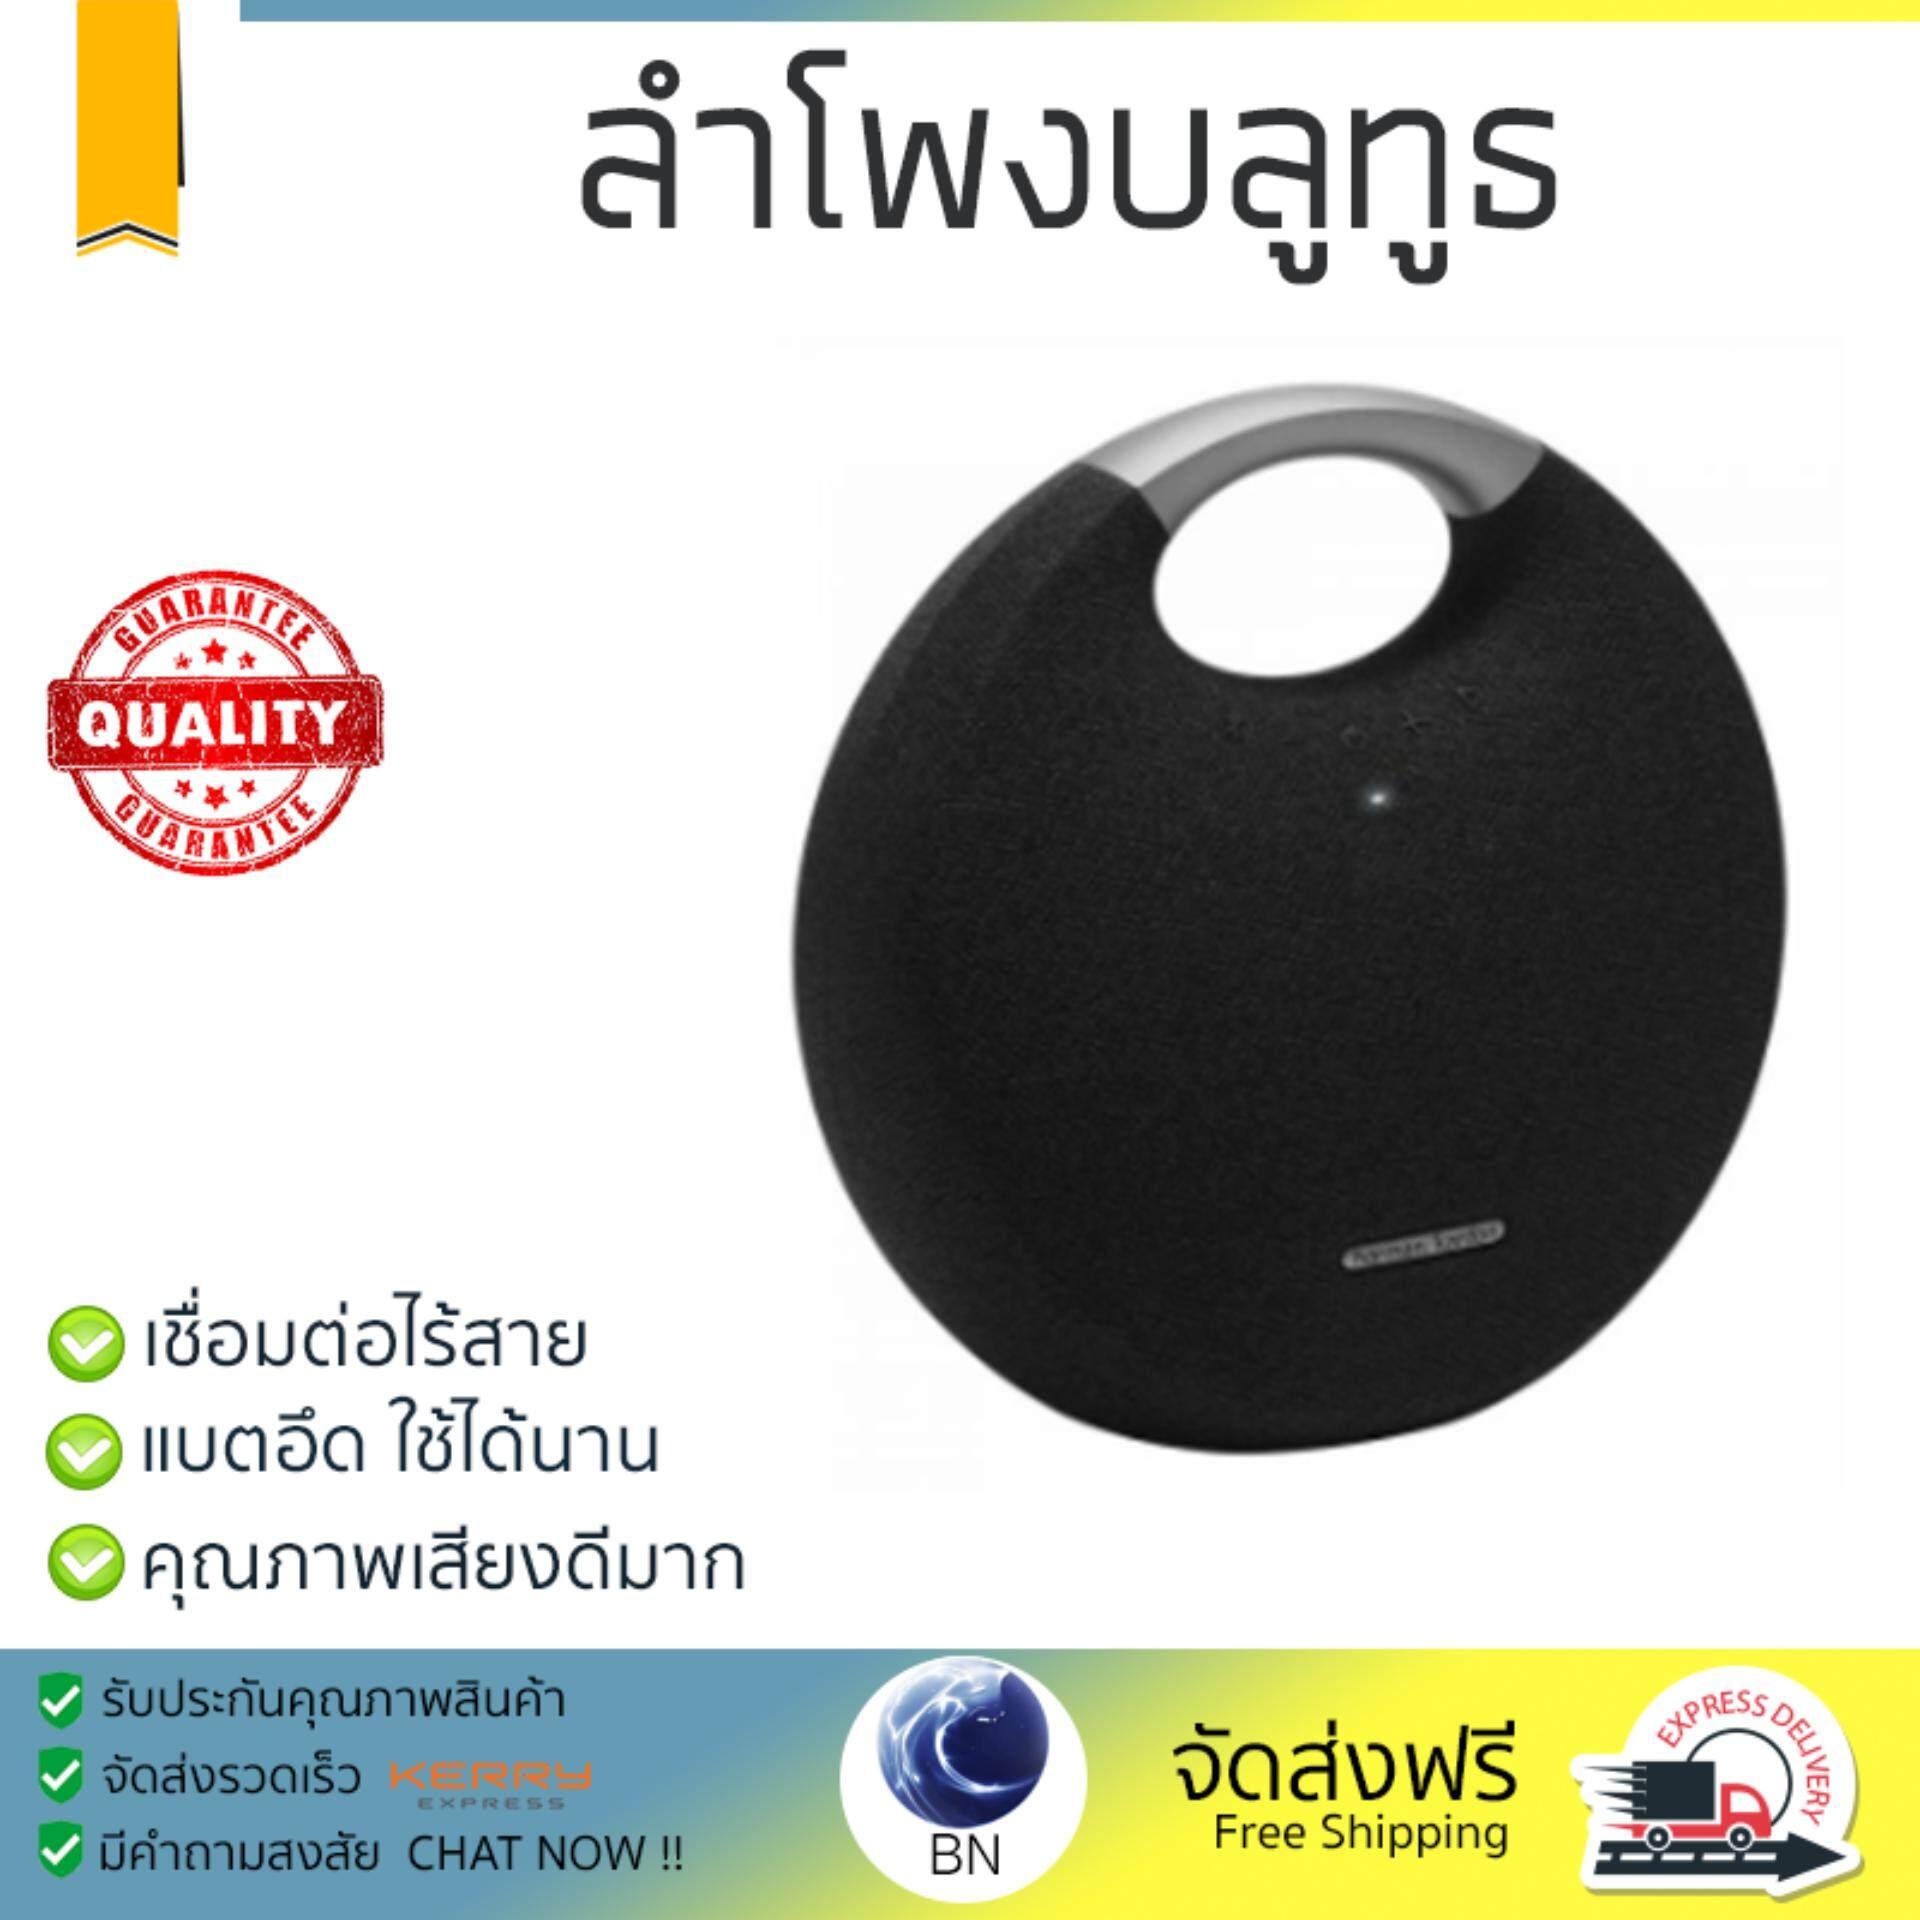 การใช้งาน  บึงกาฬ จัดส่งฟรี ลำโพงบลูทูธ  Harman Kardon Bluetooth Speaker 2.1 Onyx Studio 5 Black เสียงใส คุณภาพเกินตัว Wireless Bluetooth Speaker รับประกัน 1 ปี